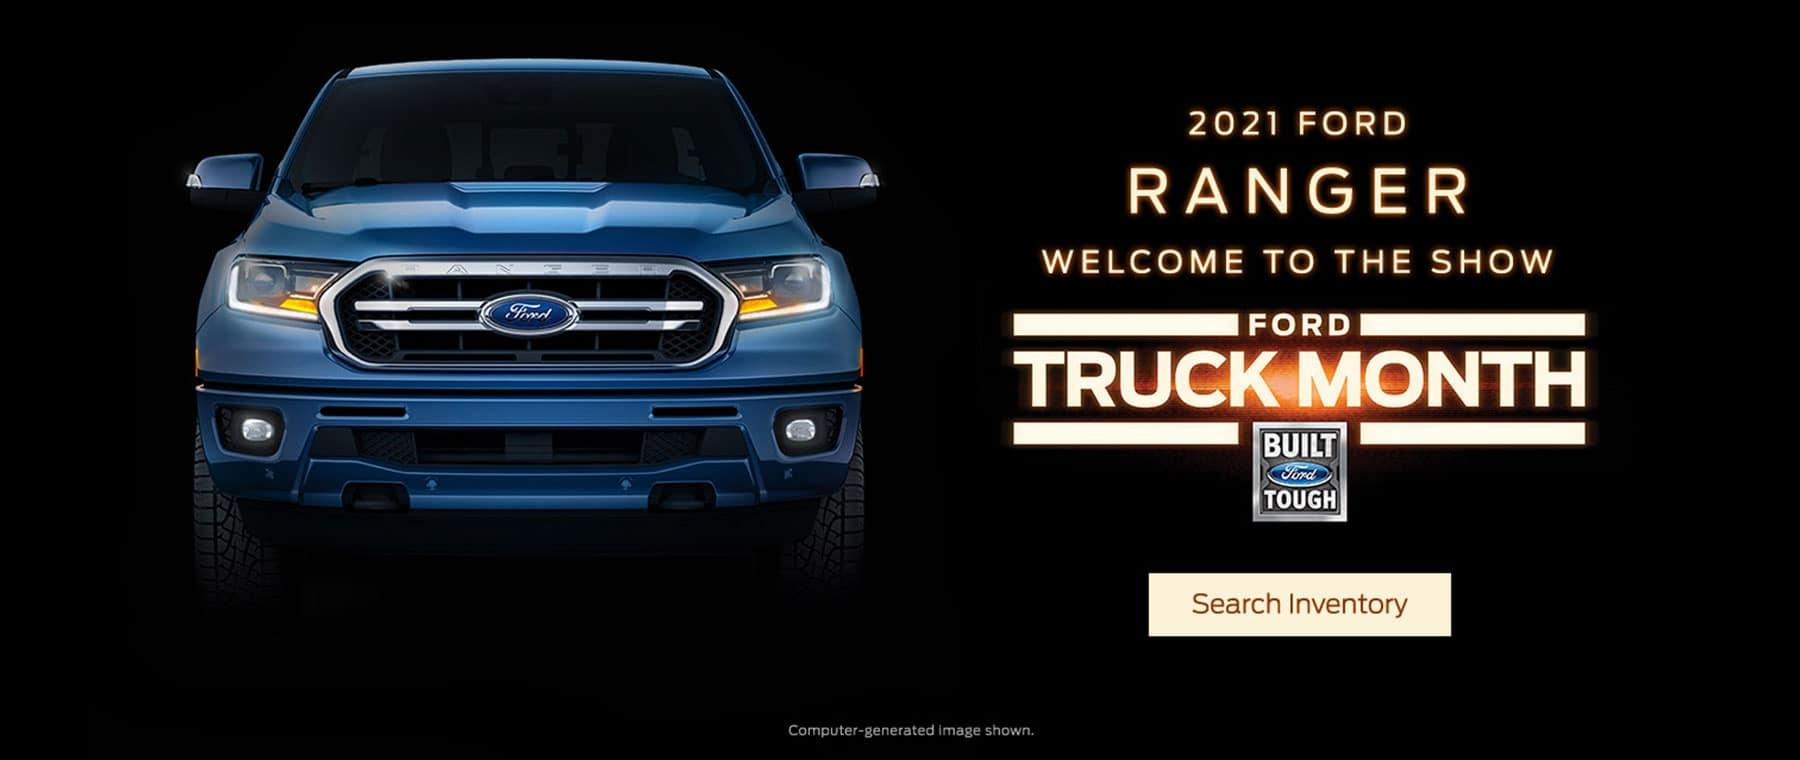 2021_TruckMnth_Ranger-1800×760